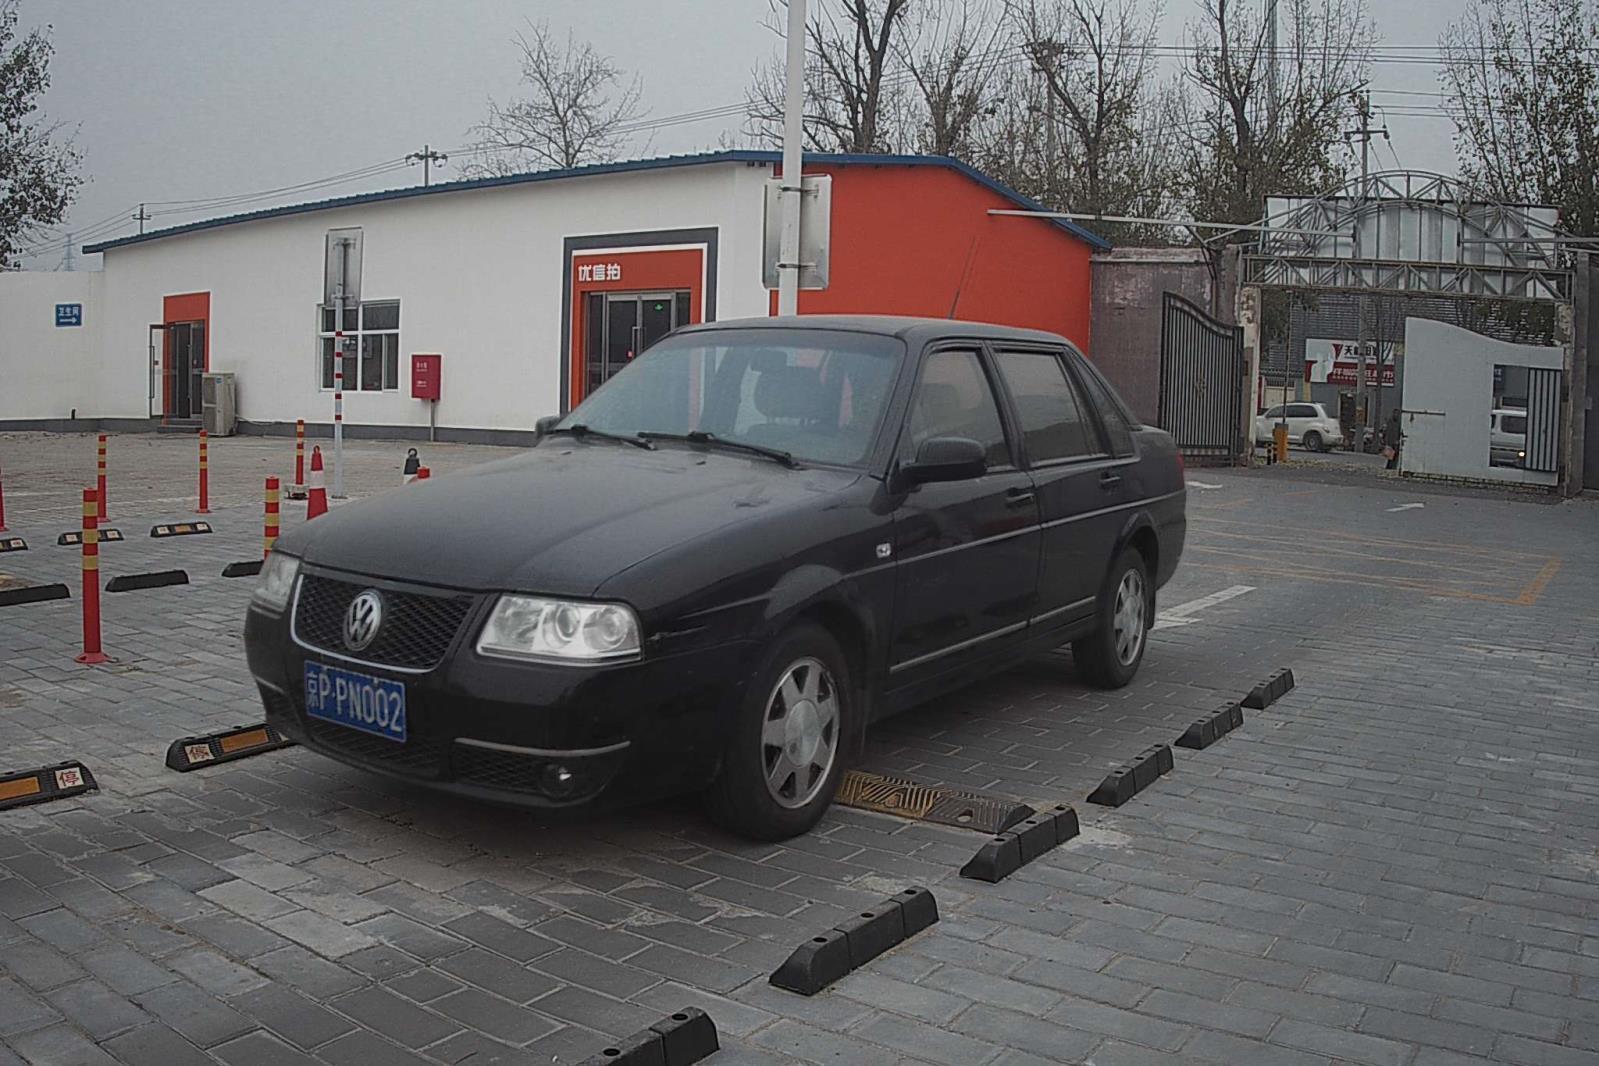 【北京】 大众 桑塔纳志俊 2008款 1.8 手动 休闲型( 黑色 )